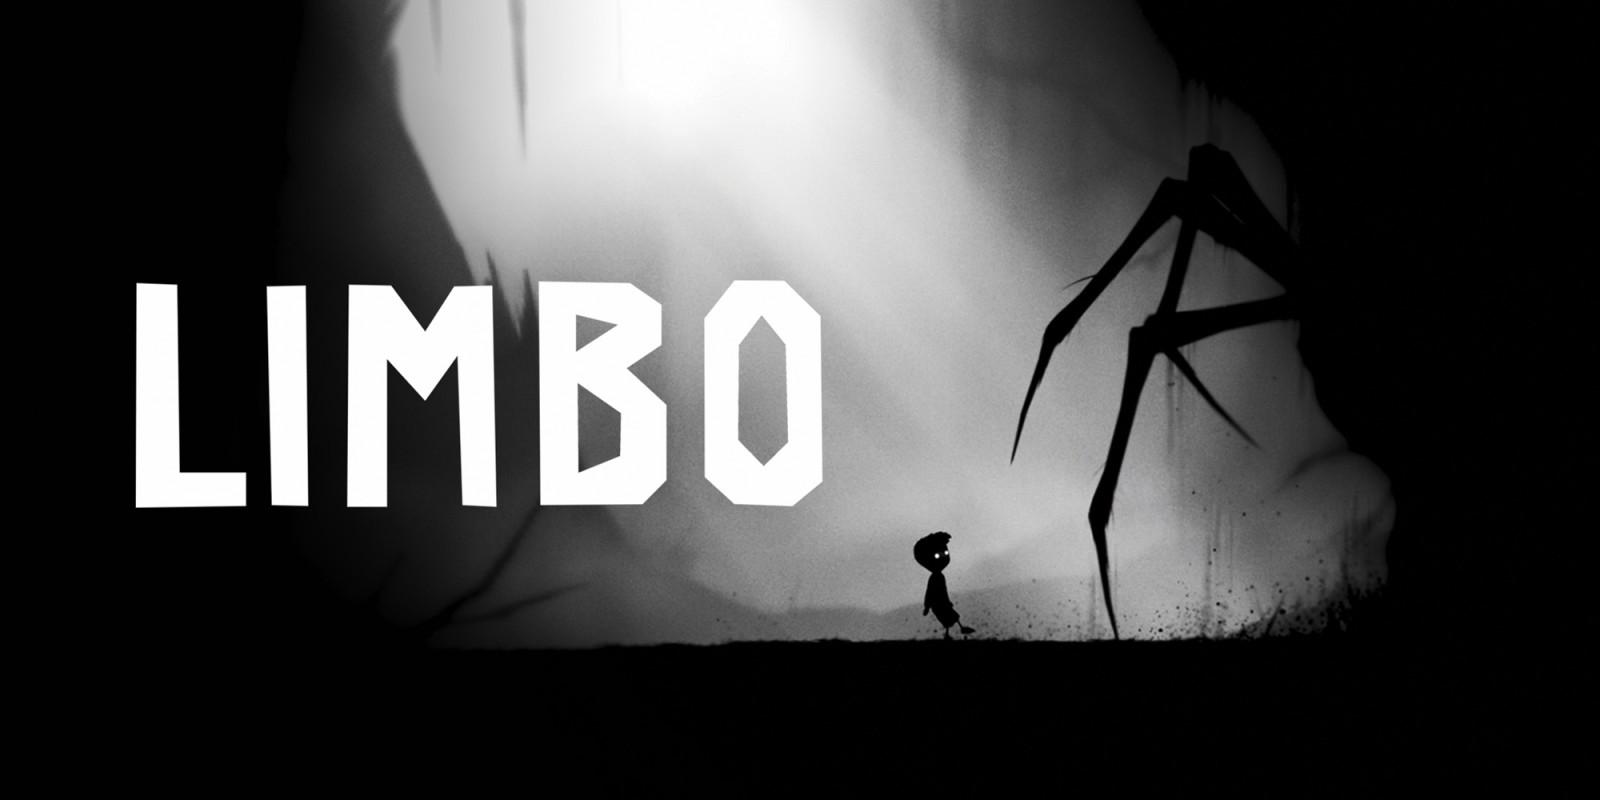 دانلود بازی زیبا و جذاب Limbo برای کامپیوتر